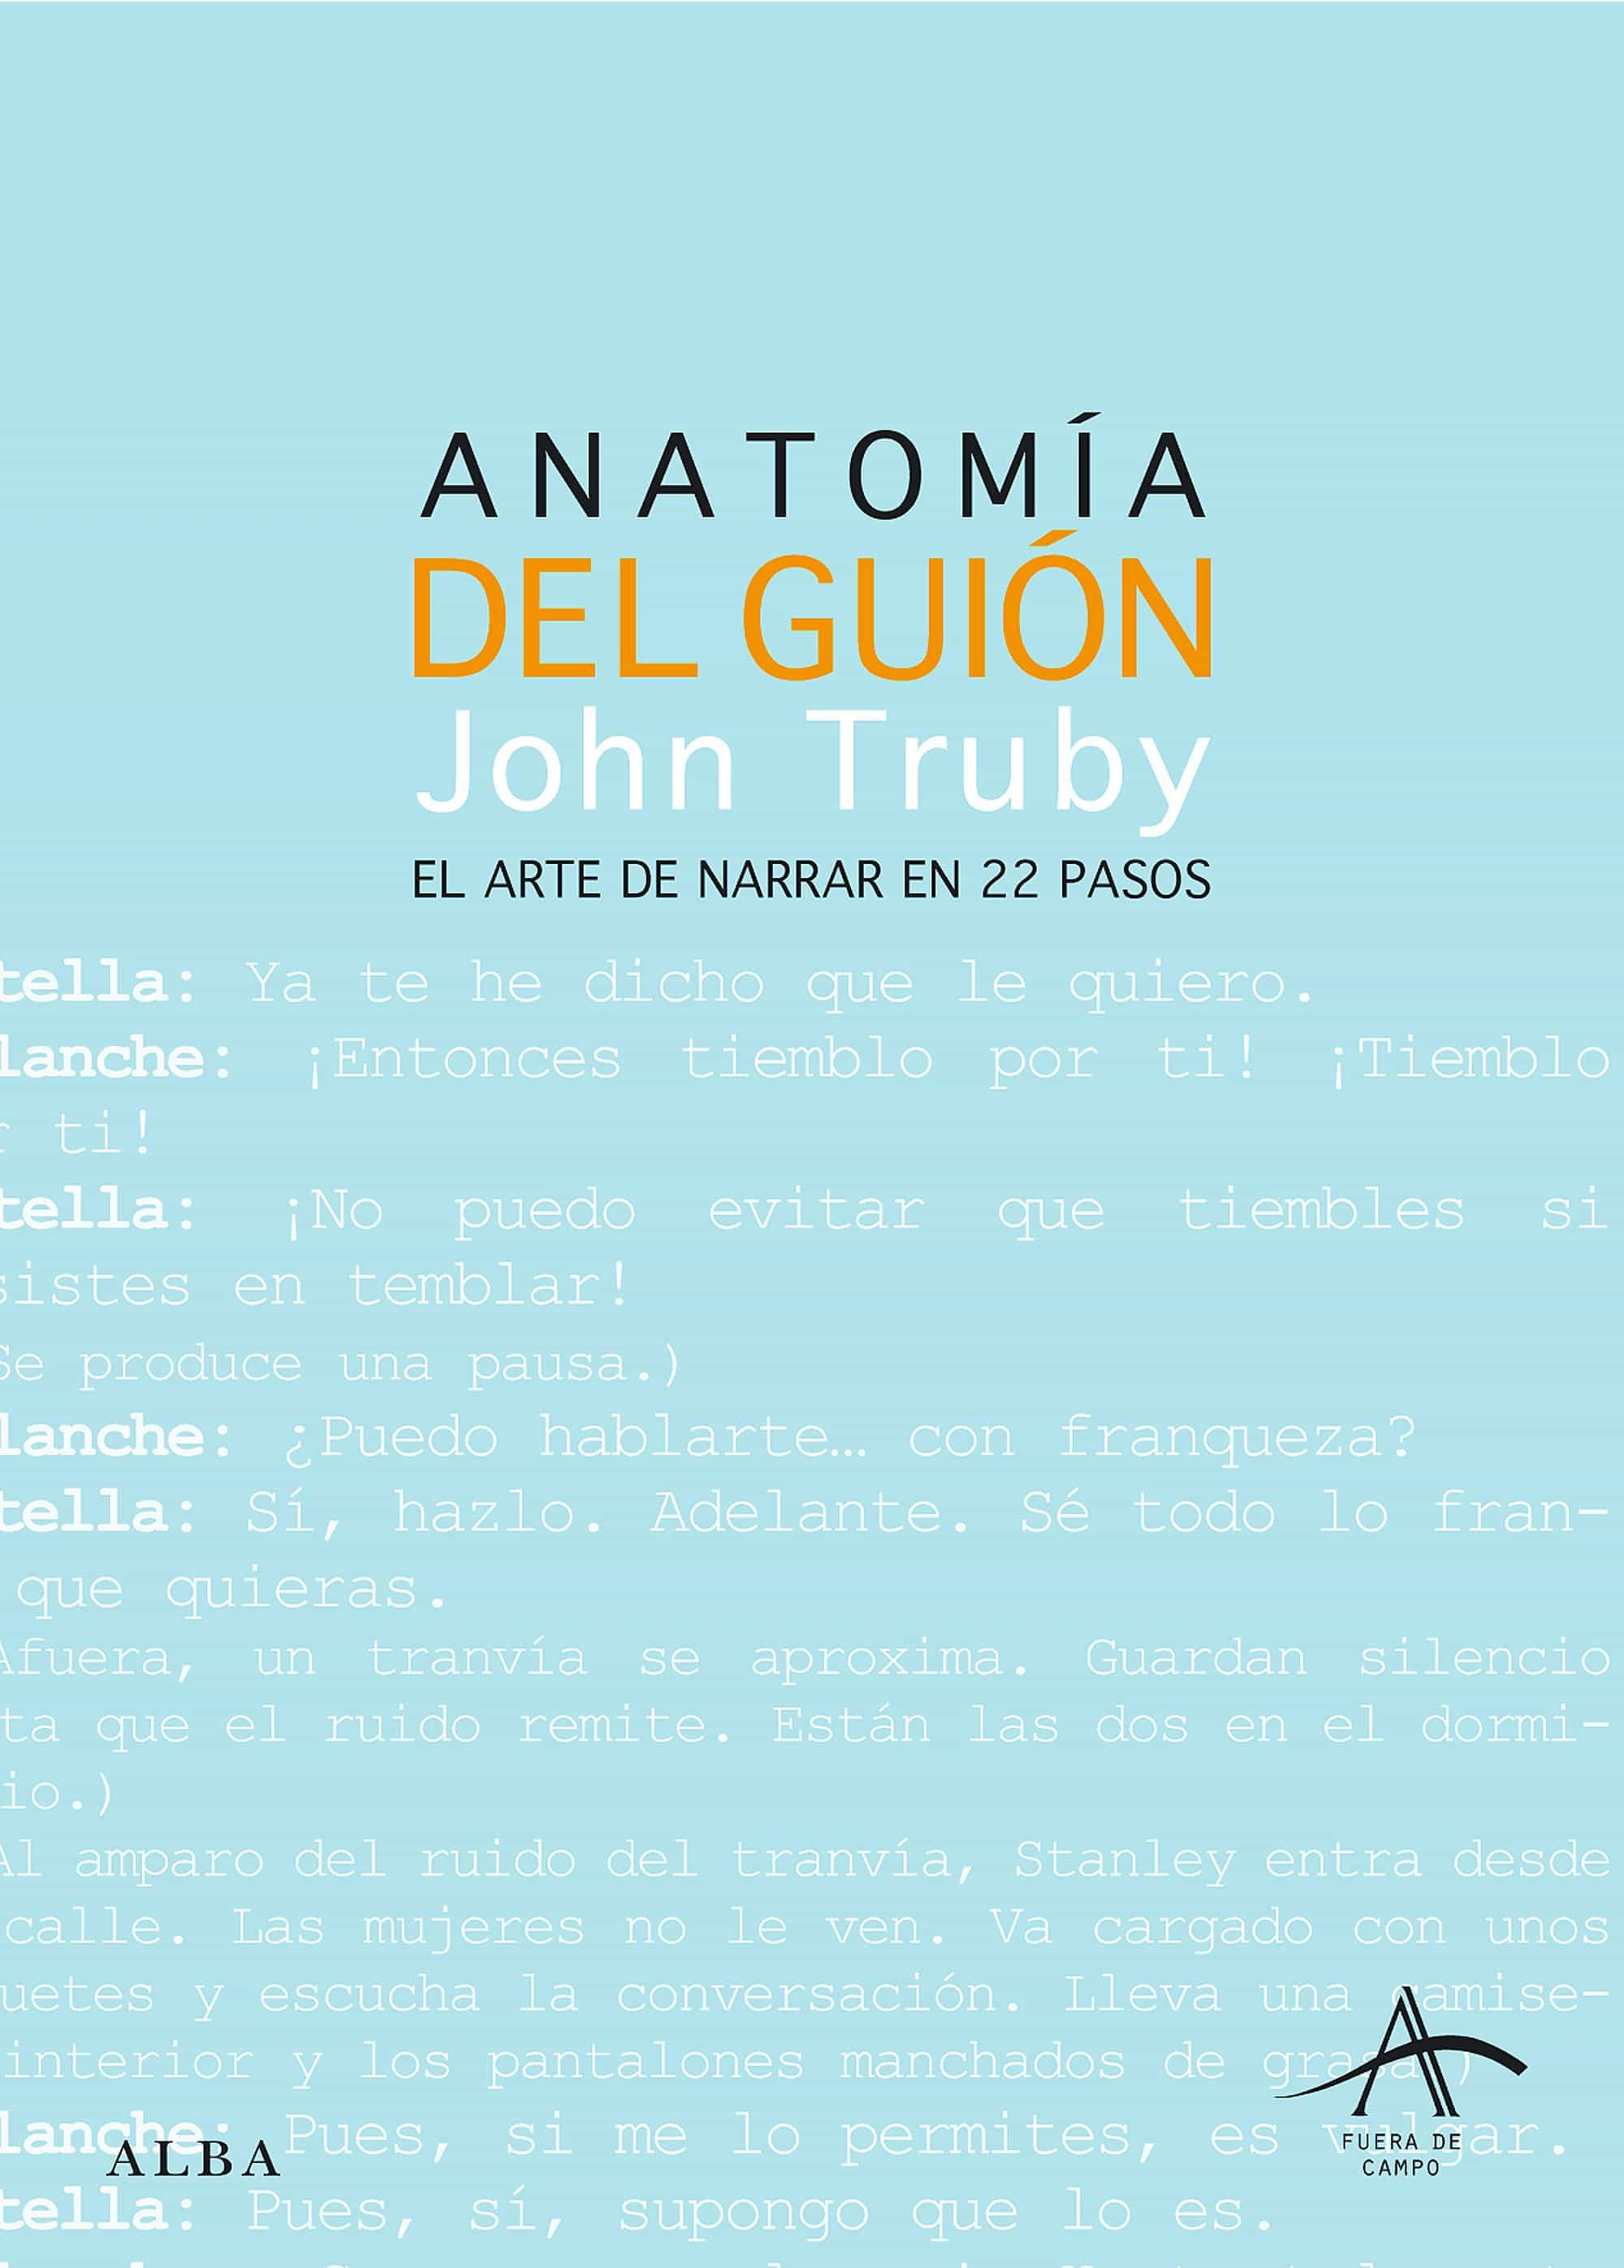 Anatomía Del Guión (ebook) · Ebooks · El Corte Inglés